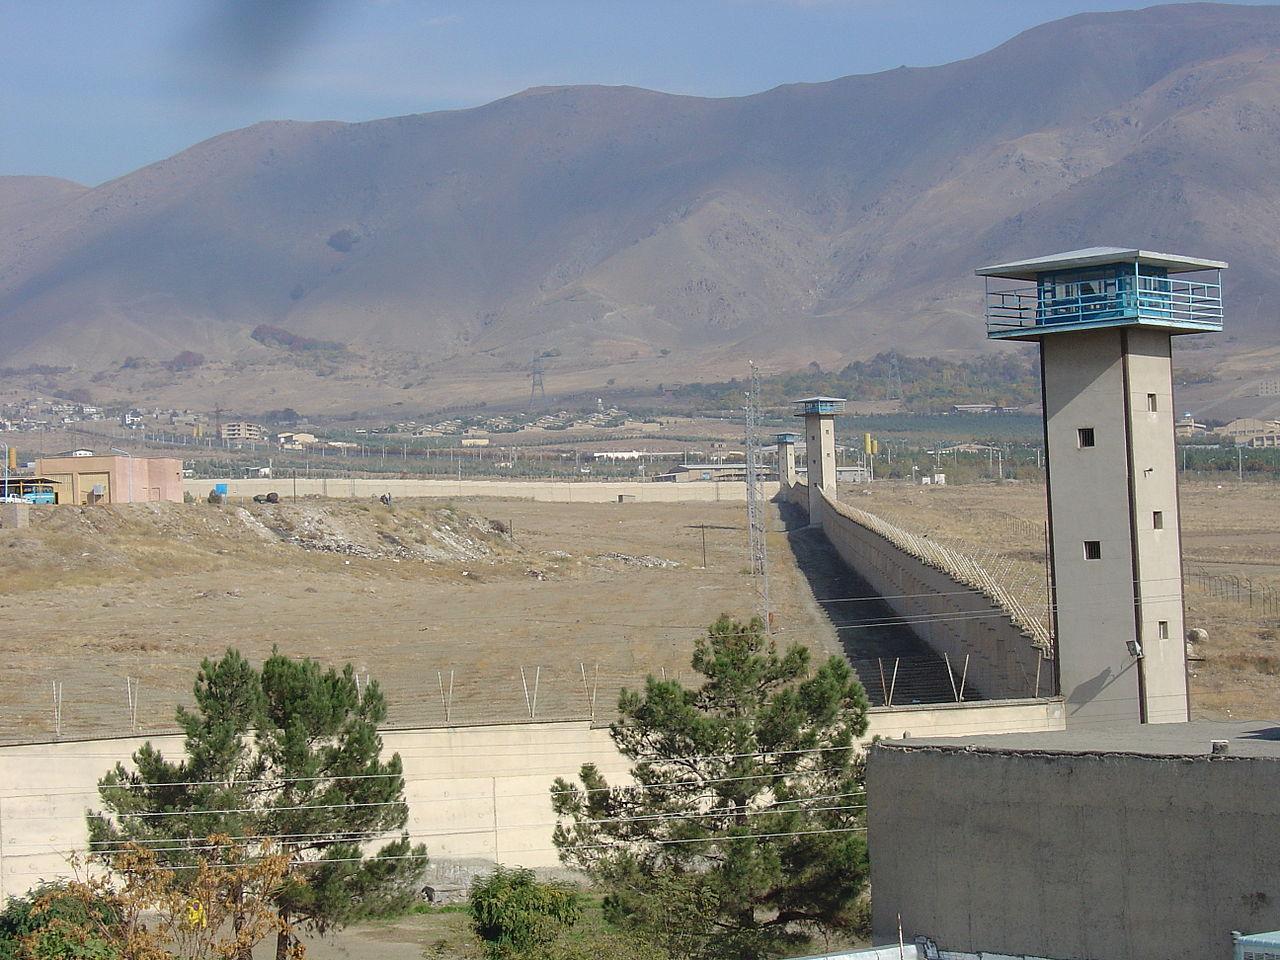 Iran: Karaj, Gohardasht prison